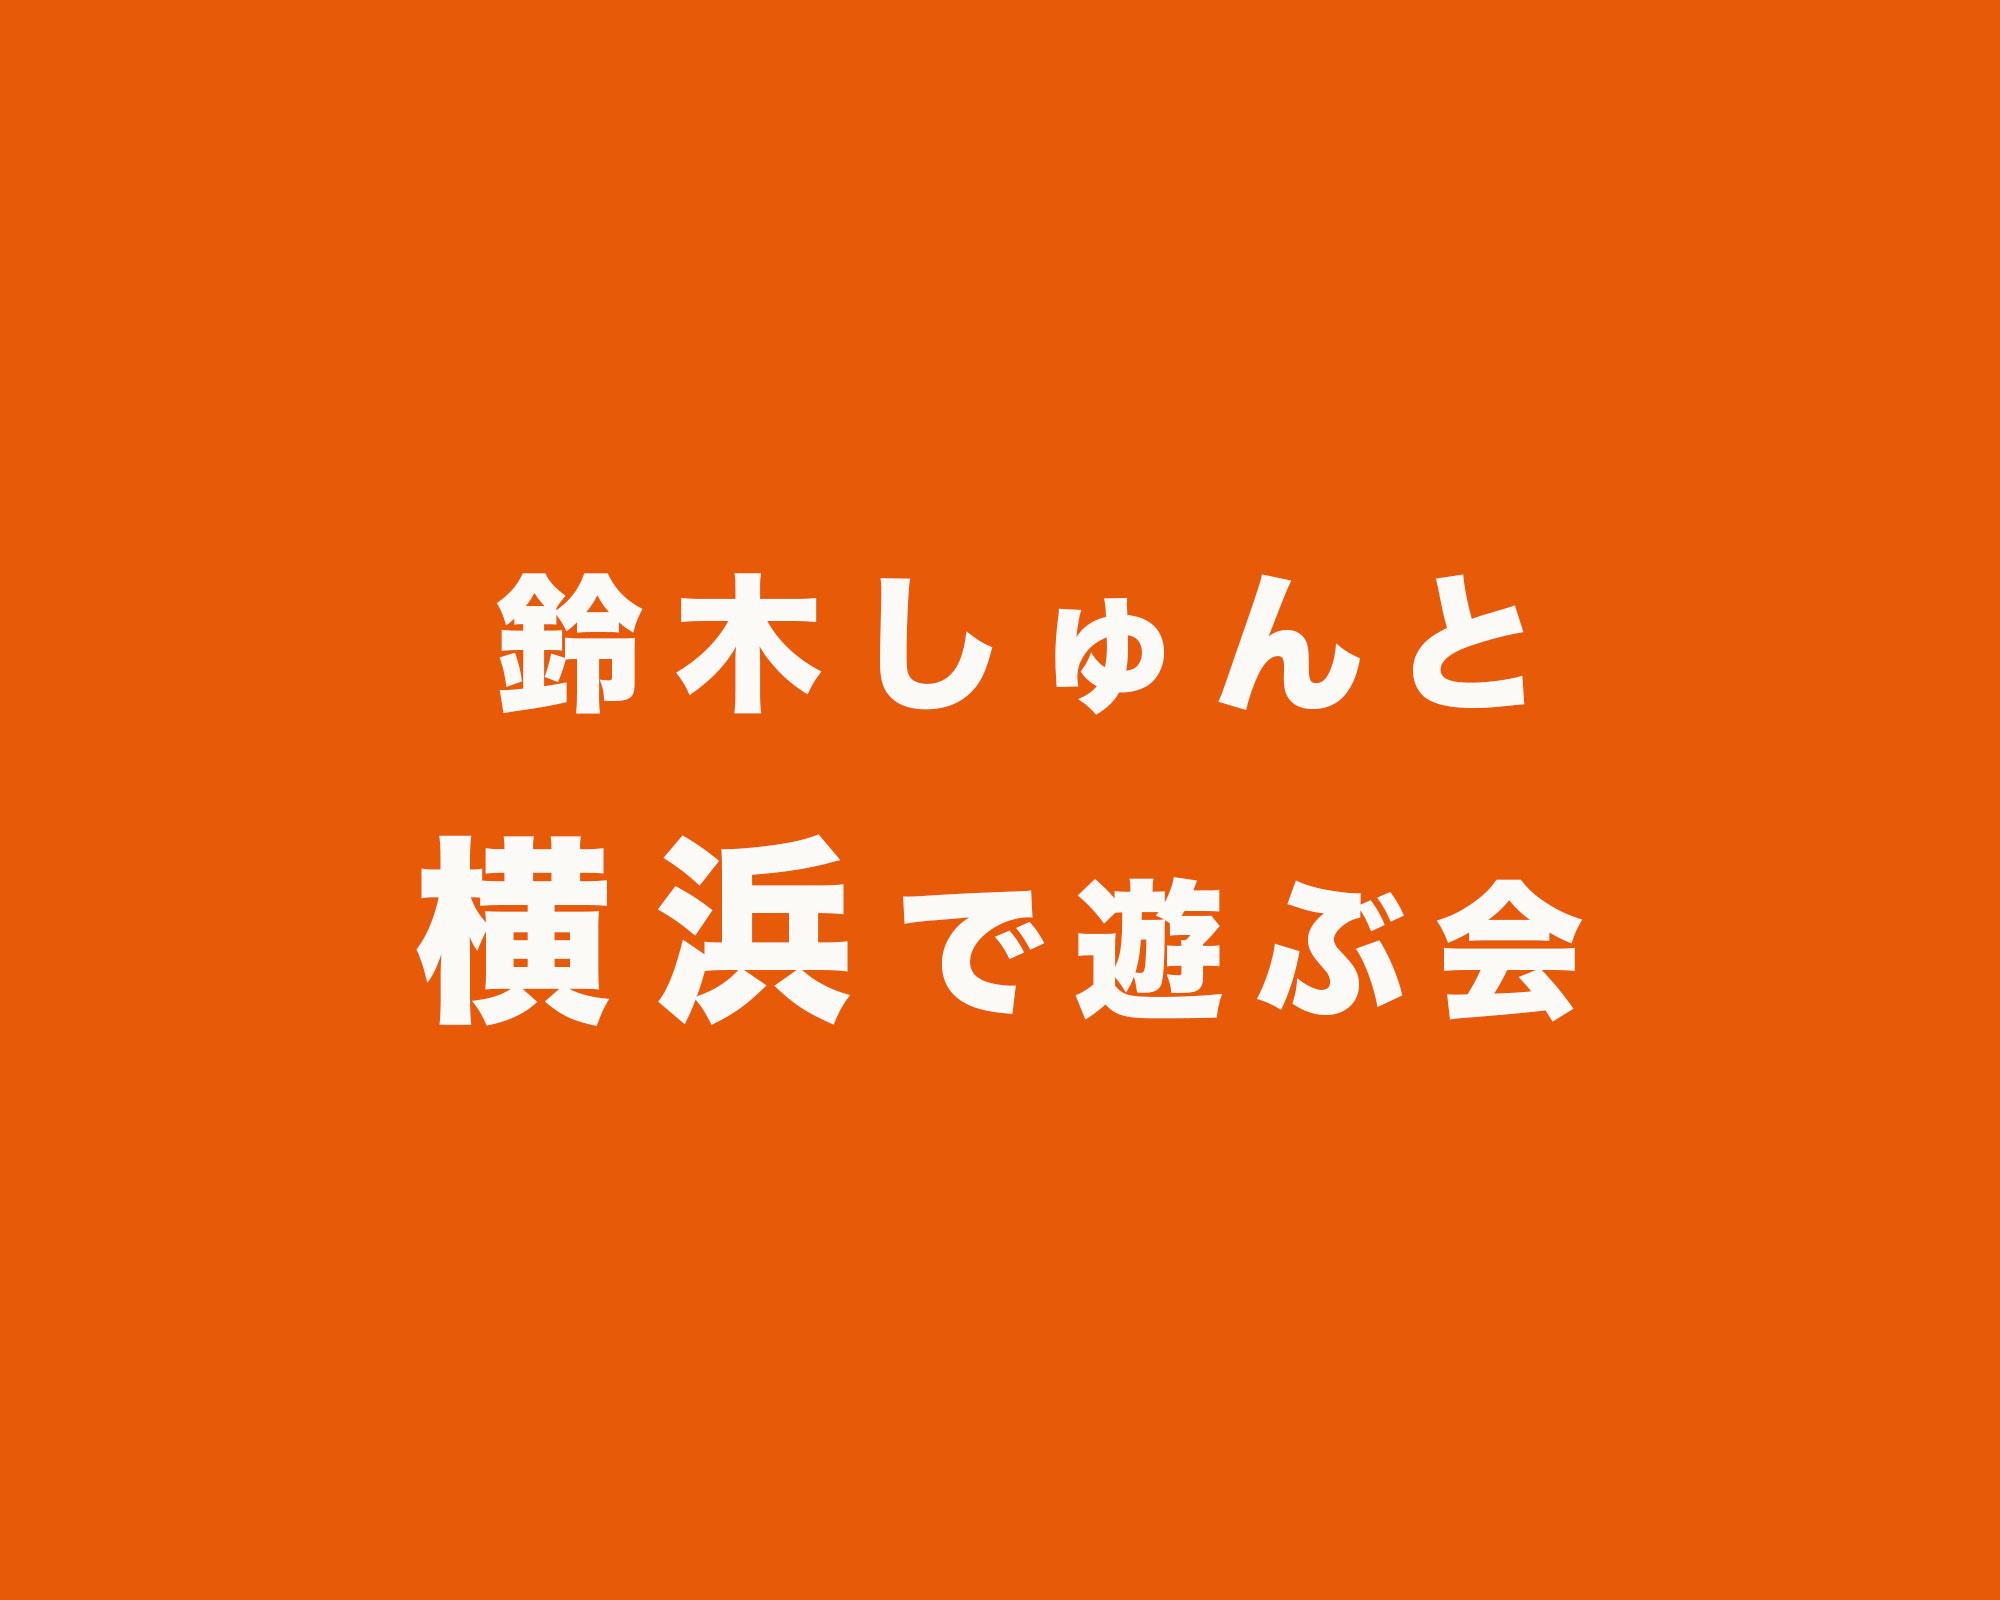 鈴木しゅんと横浜で遊ぶ会 4/4(火)18:00